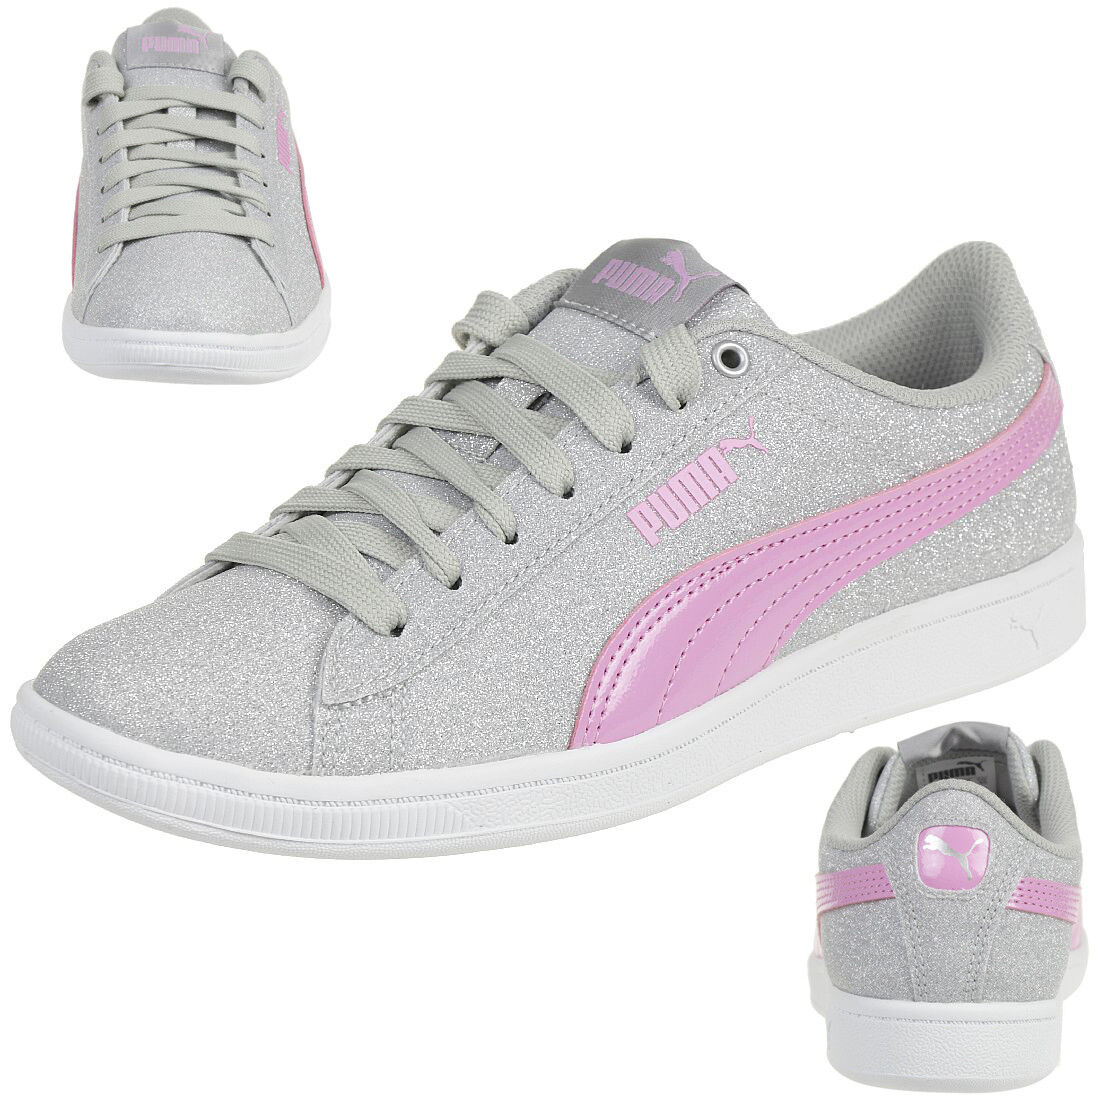 Paillettes Chaussures Ipxkouzt Femmes Puma Fille Vikky Junior Jr XkZiOPTu